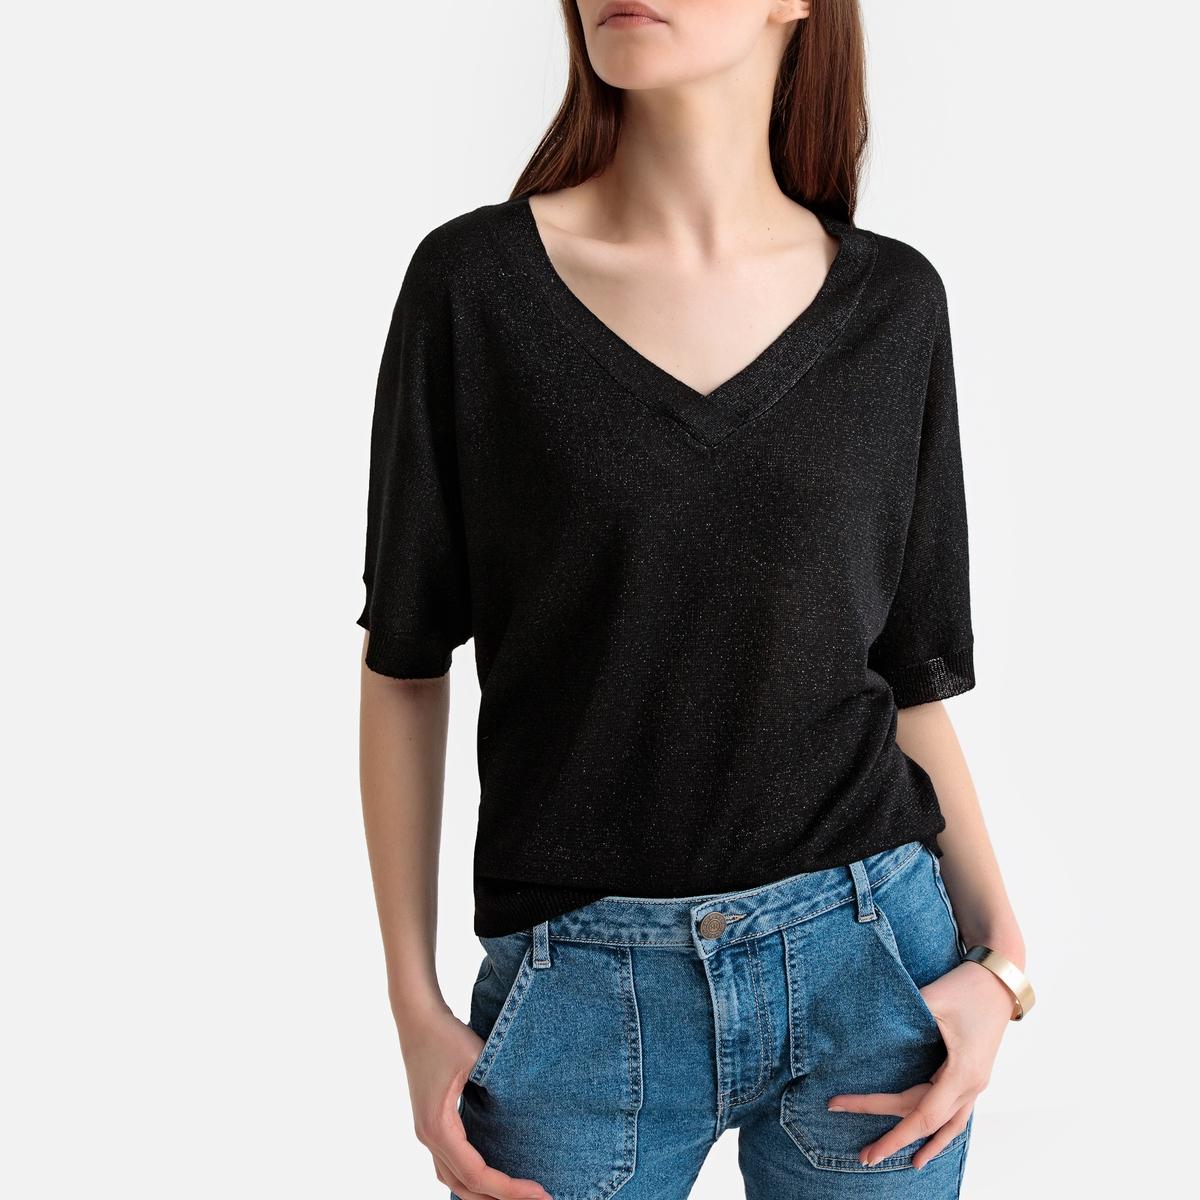 Пуловер La Redoute С V-образным вырезом из блестящего тонкого трикотажа S черный пуловер la redoute с v образным вырезом из тонкого трикотажа s черный